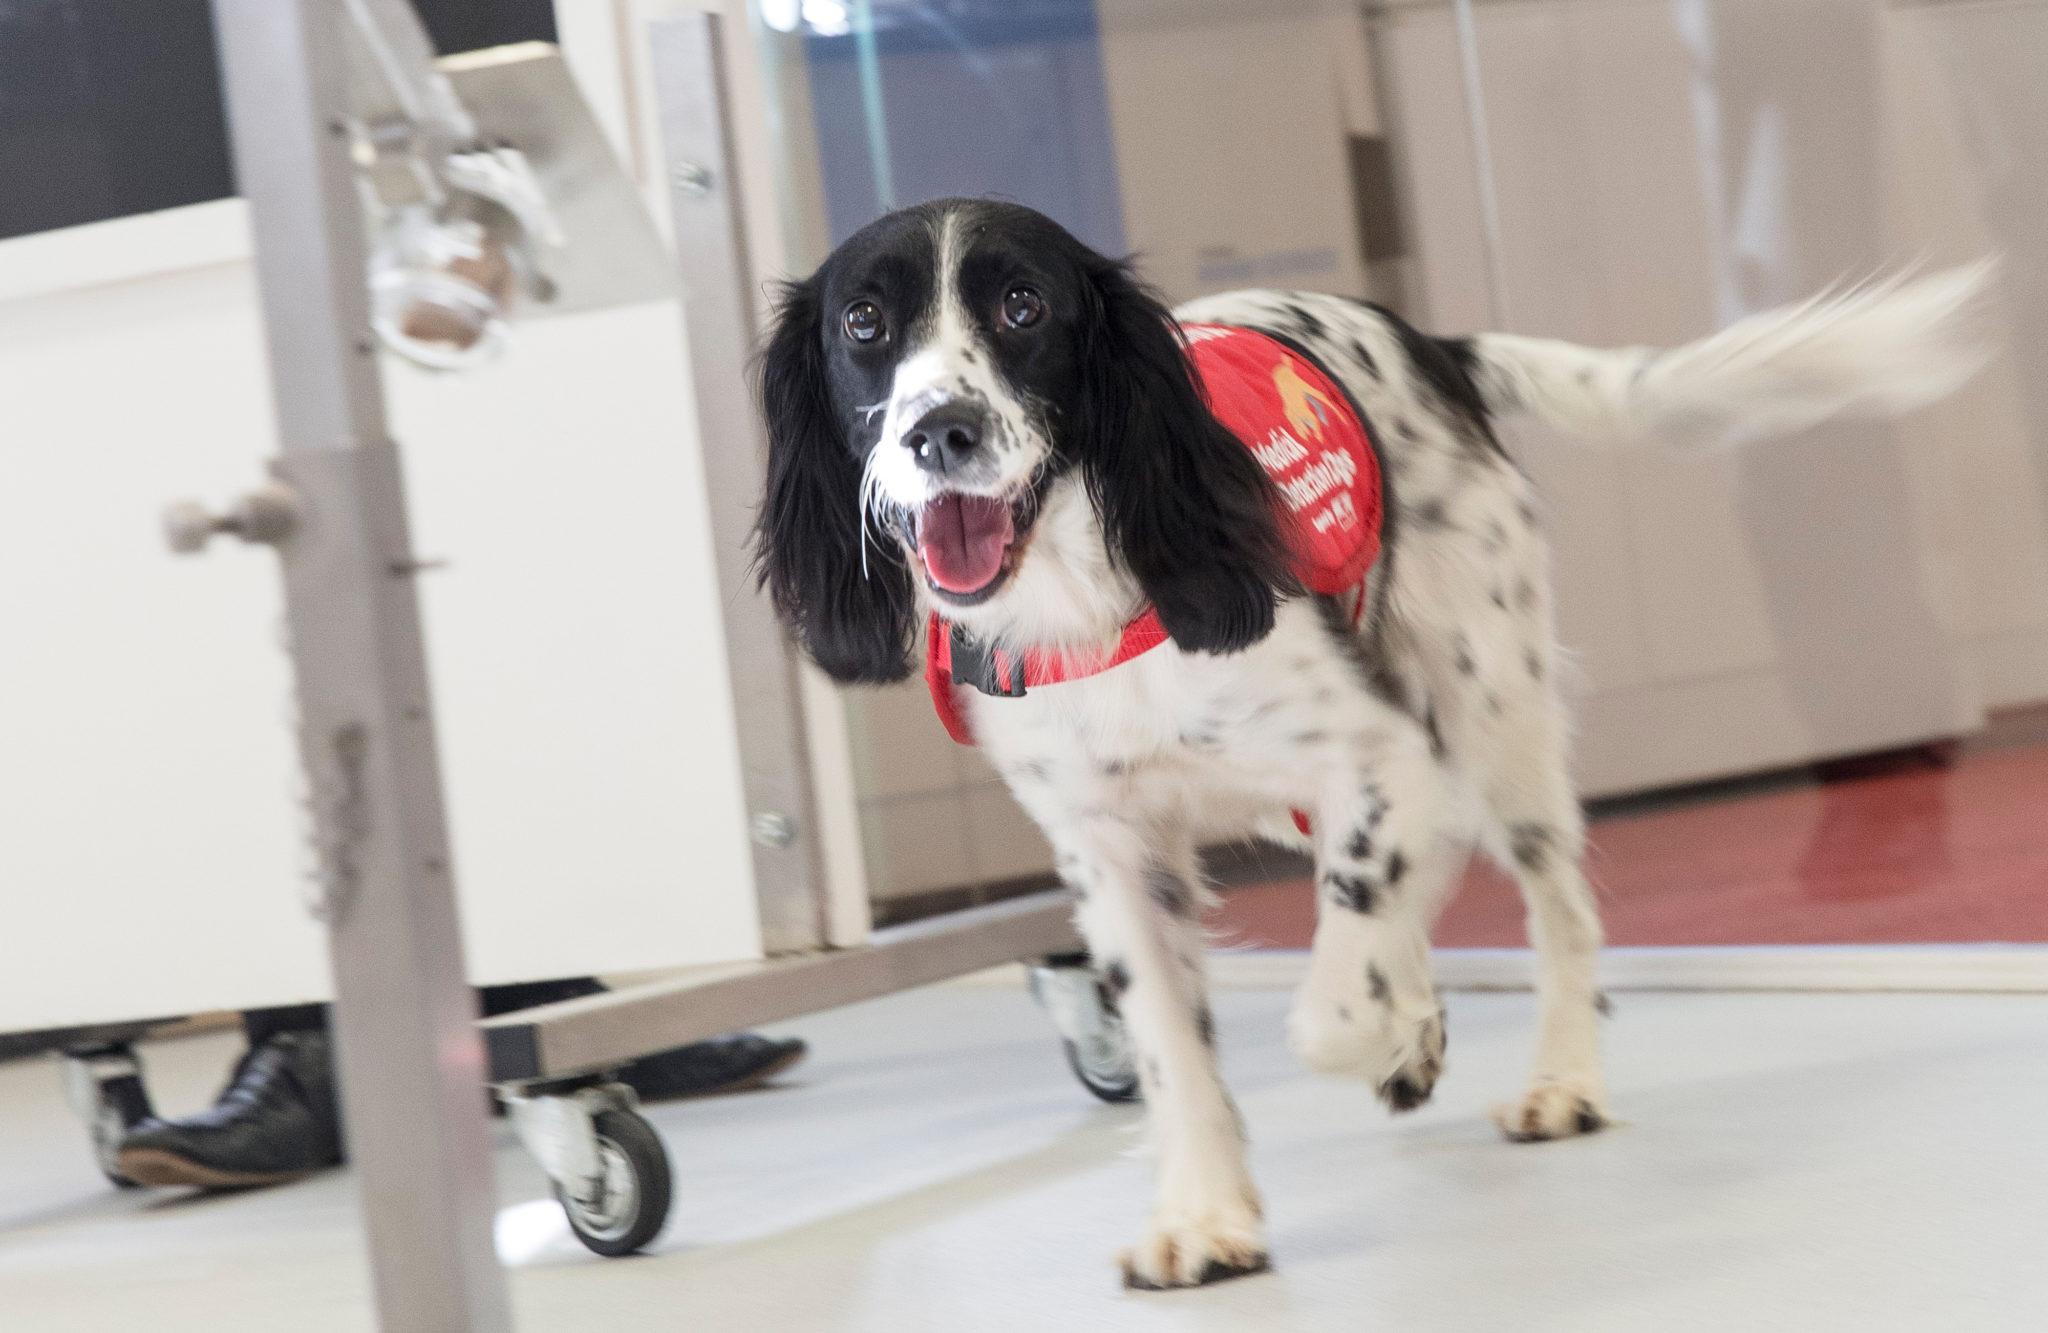 Für die Vierbeiner sind die Malaria-Tests wie ein Spiel. Es kommen allerdings nur sehr lernwillige Hunde mit einer besonders feinen Nase infrage.